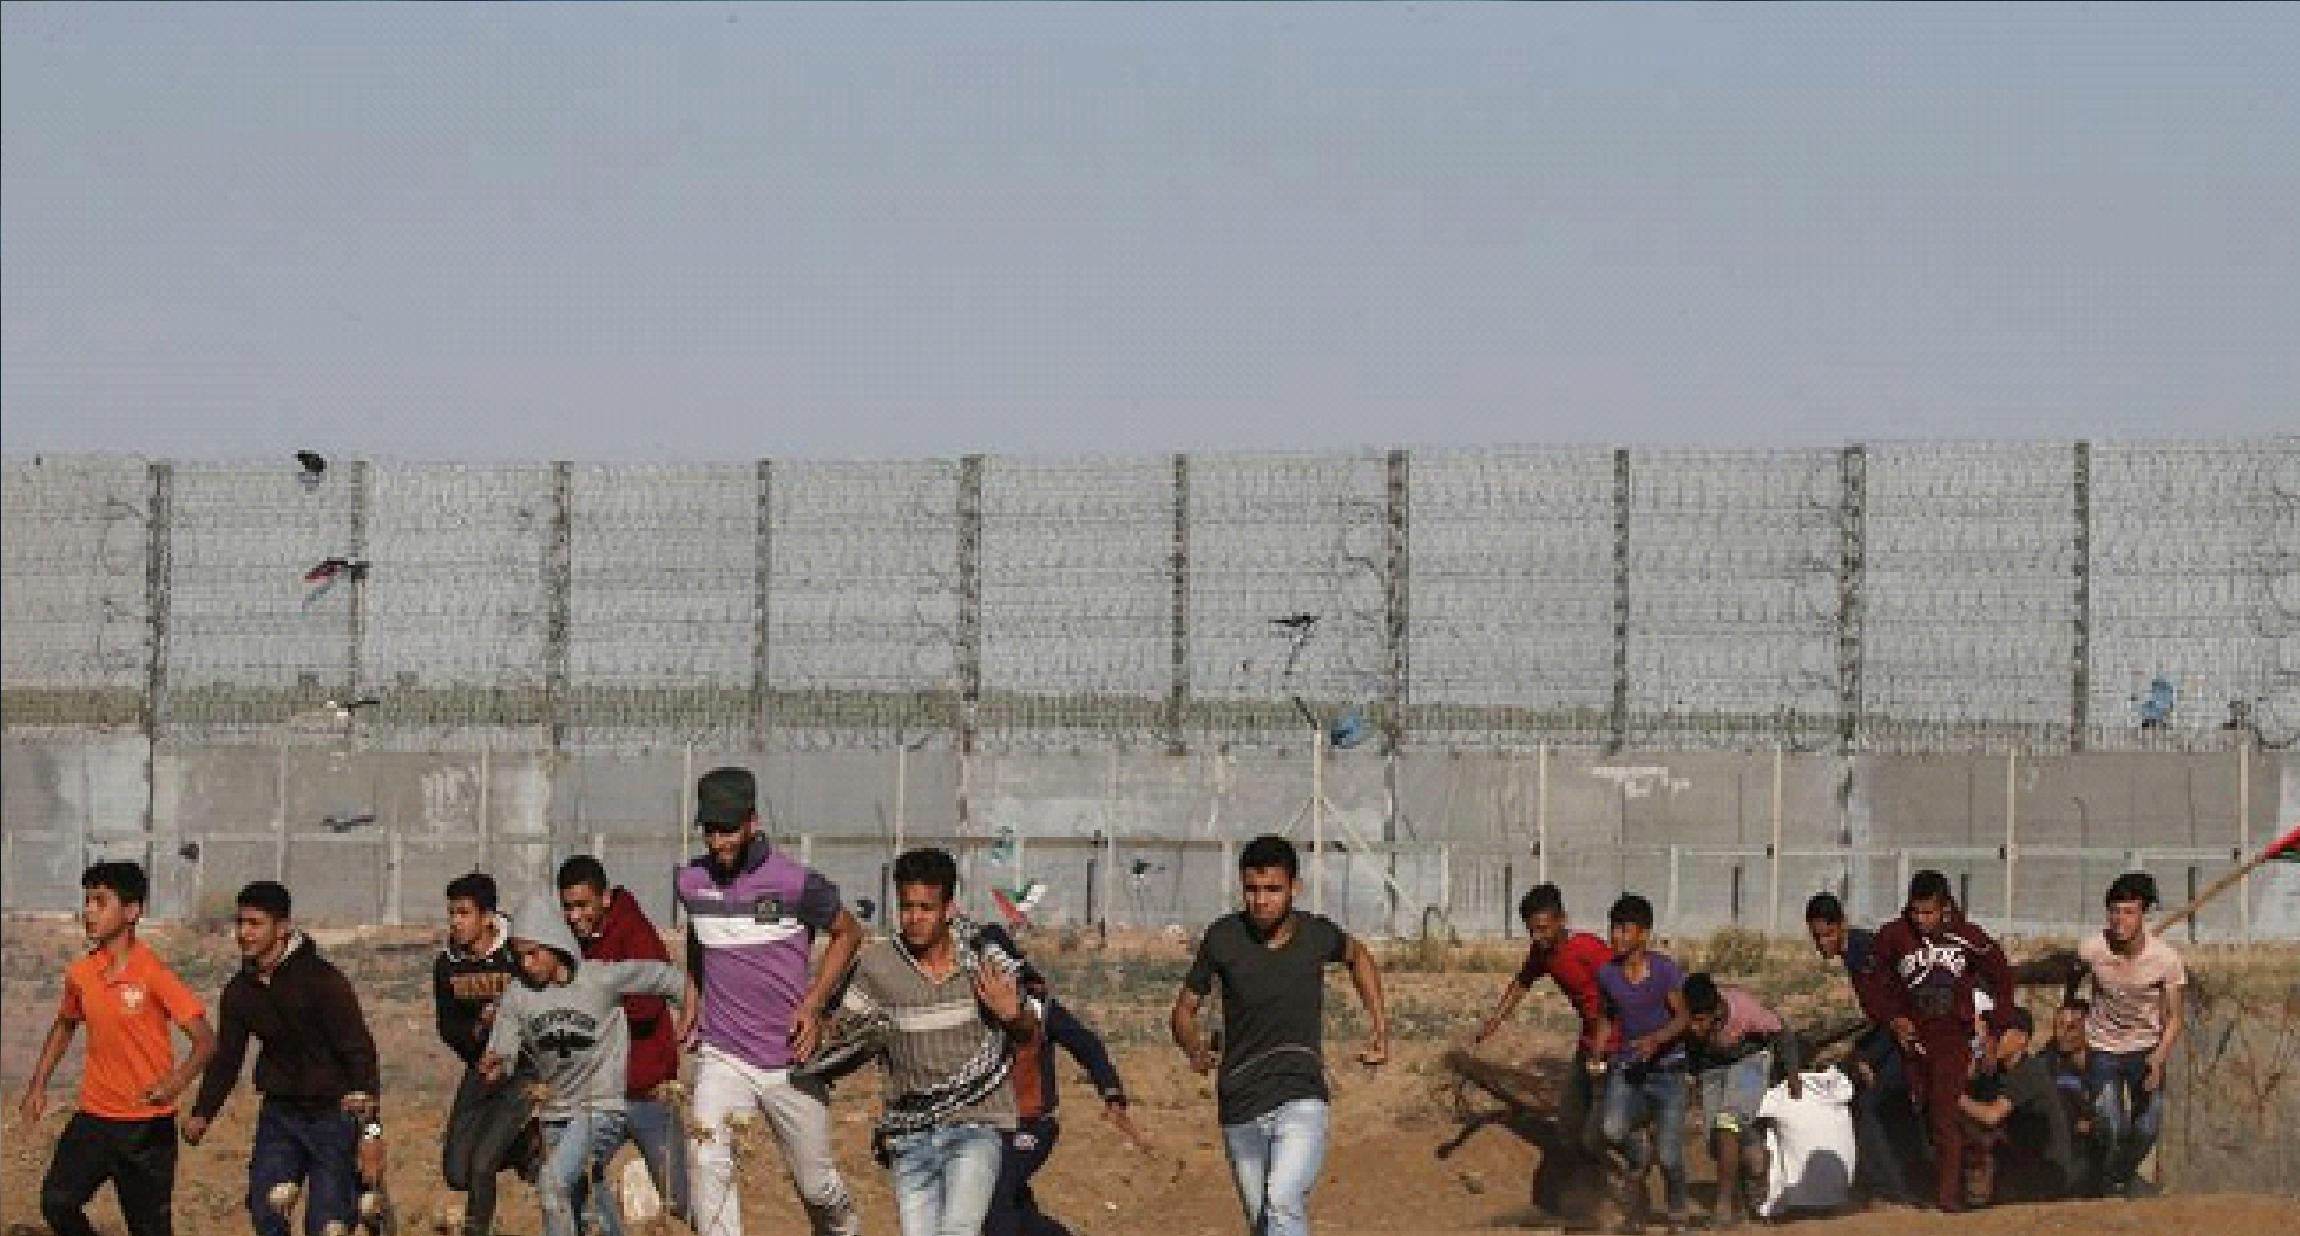 الجيش الإسرائيلي يقتل فلسطيني خلال مواجهات في قطاع غزة